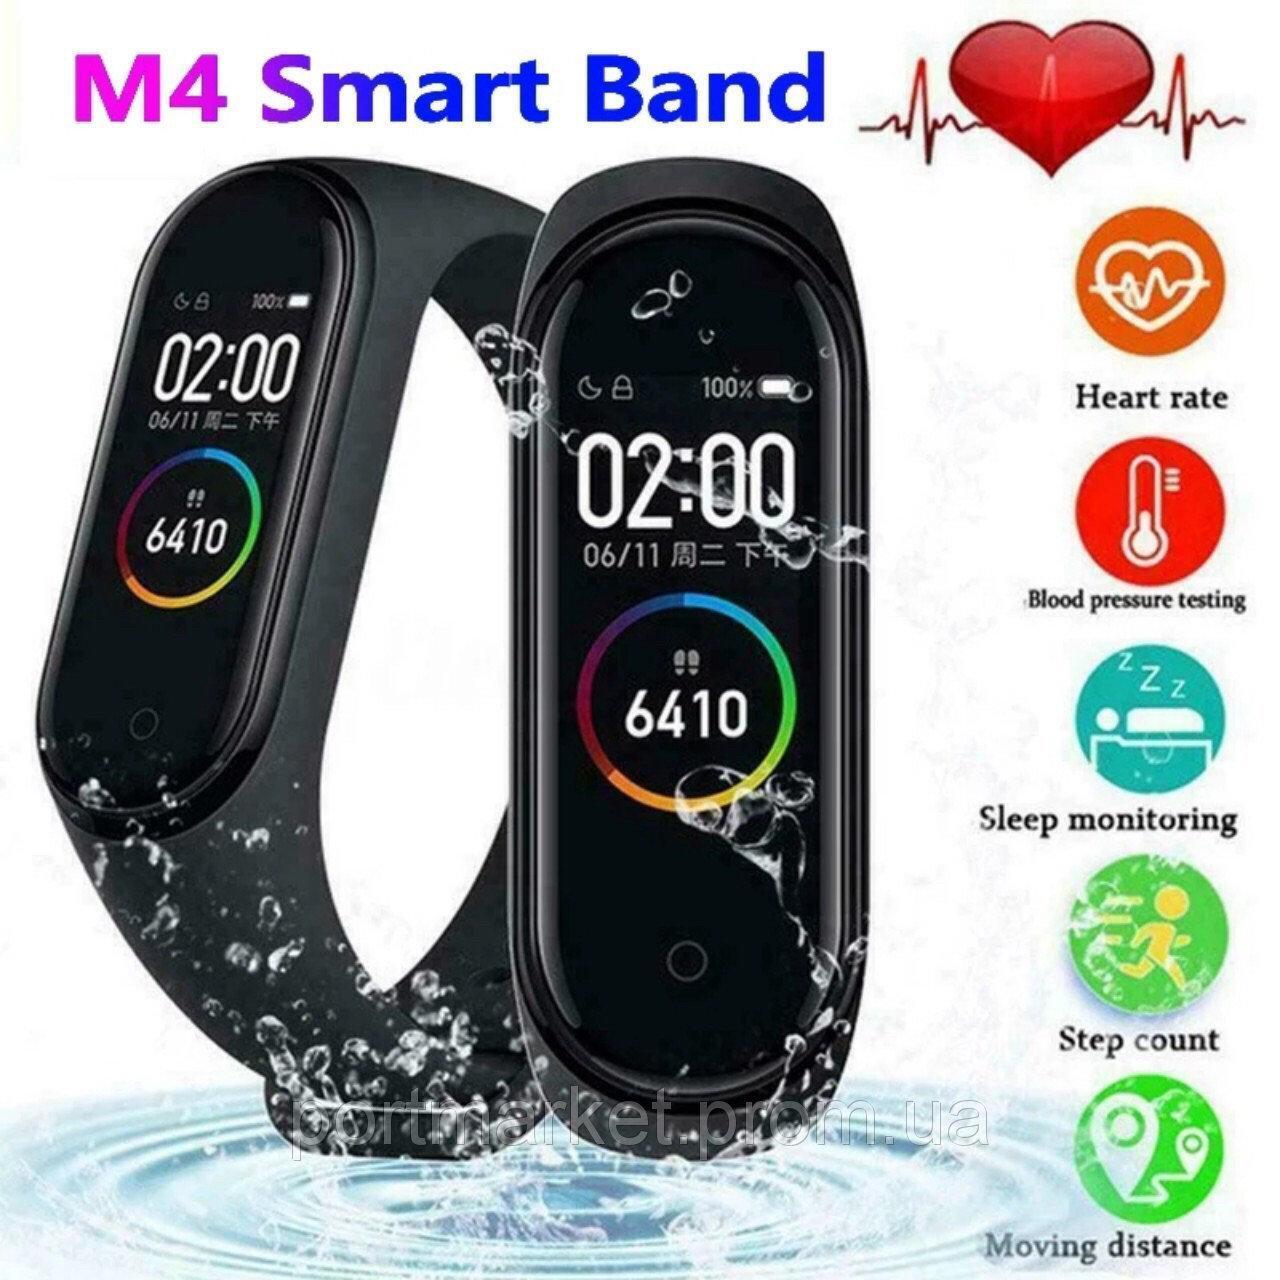 Смарт браслет здоровья M4 с измерением давления, пульса, кислорода в крови